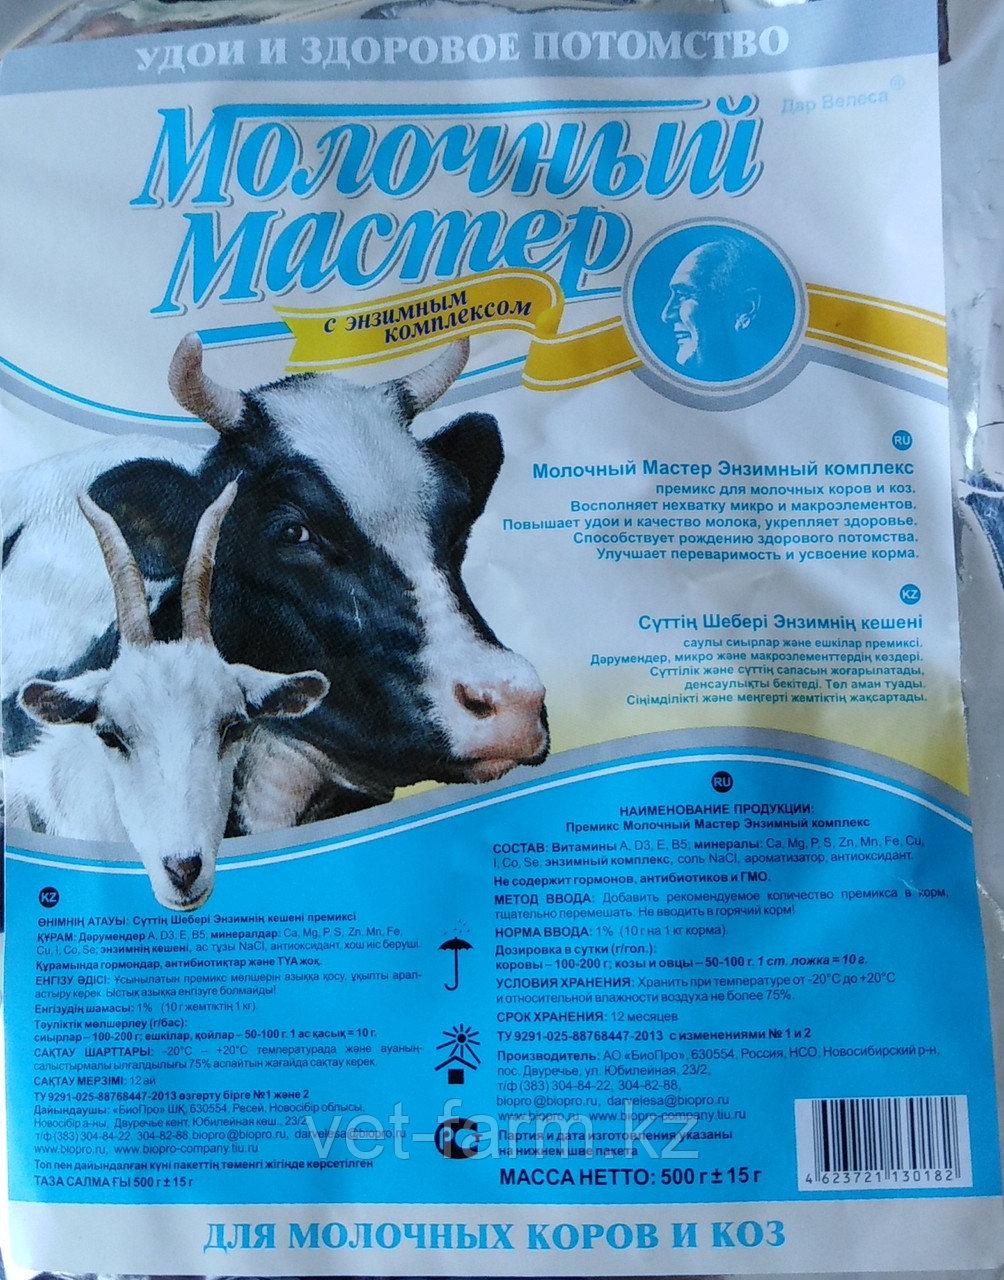 Молочный мастер для коров